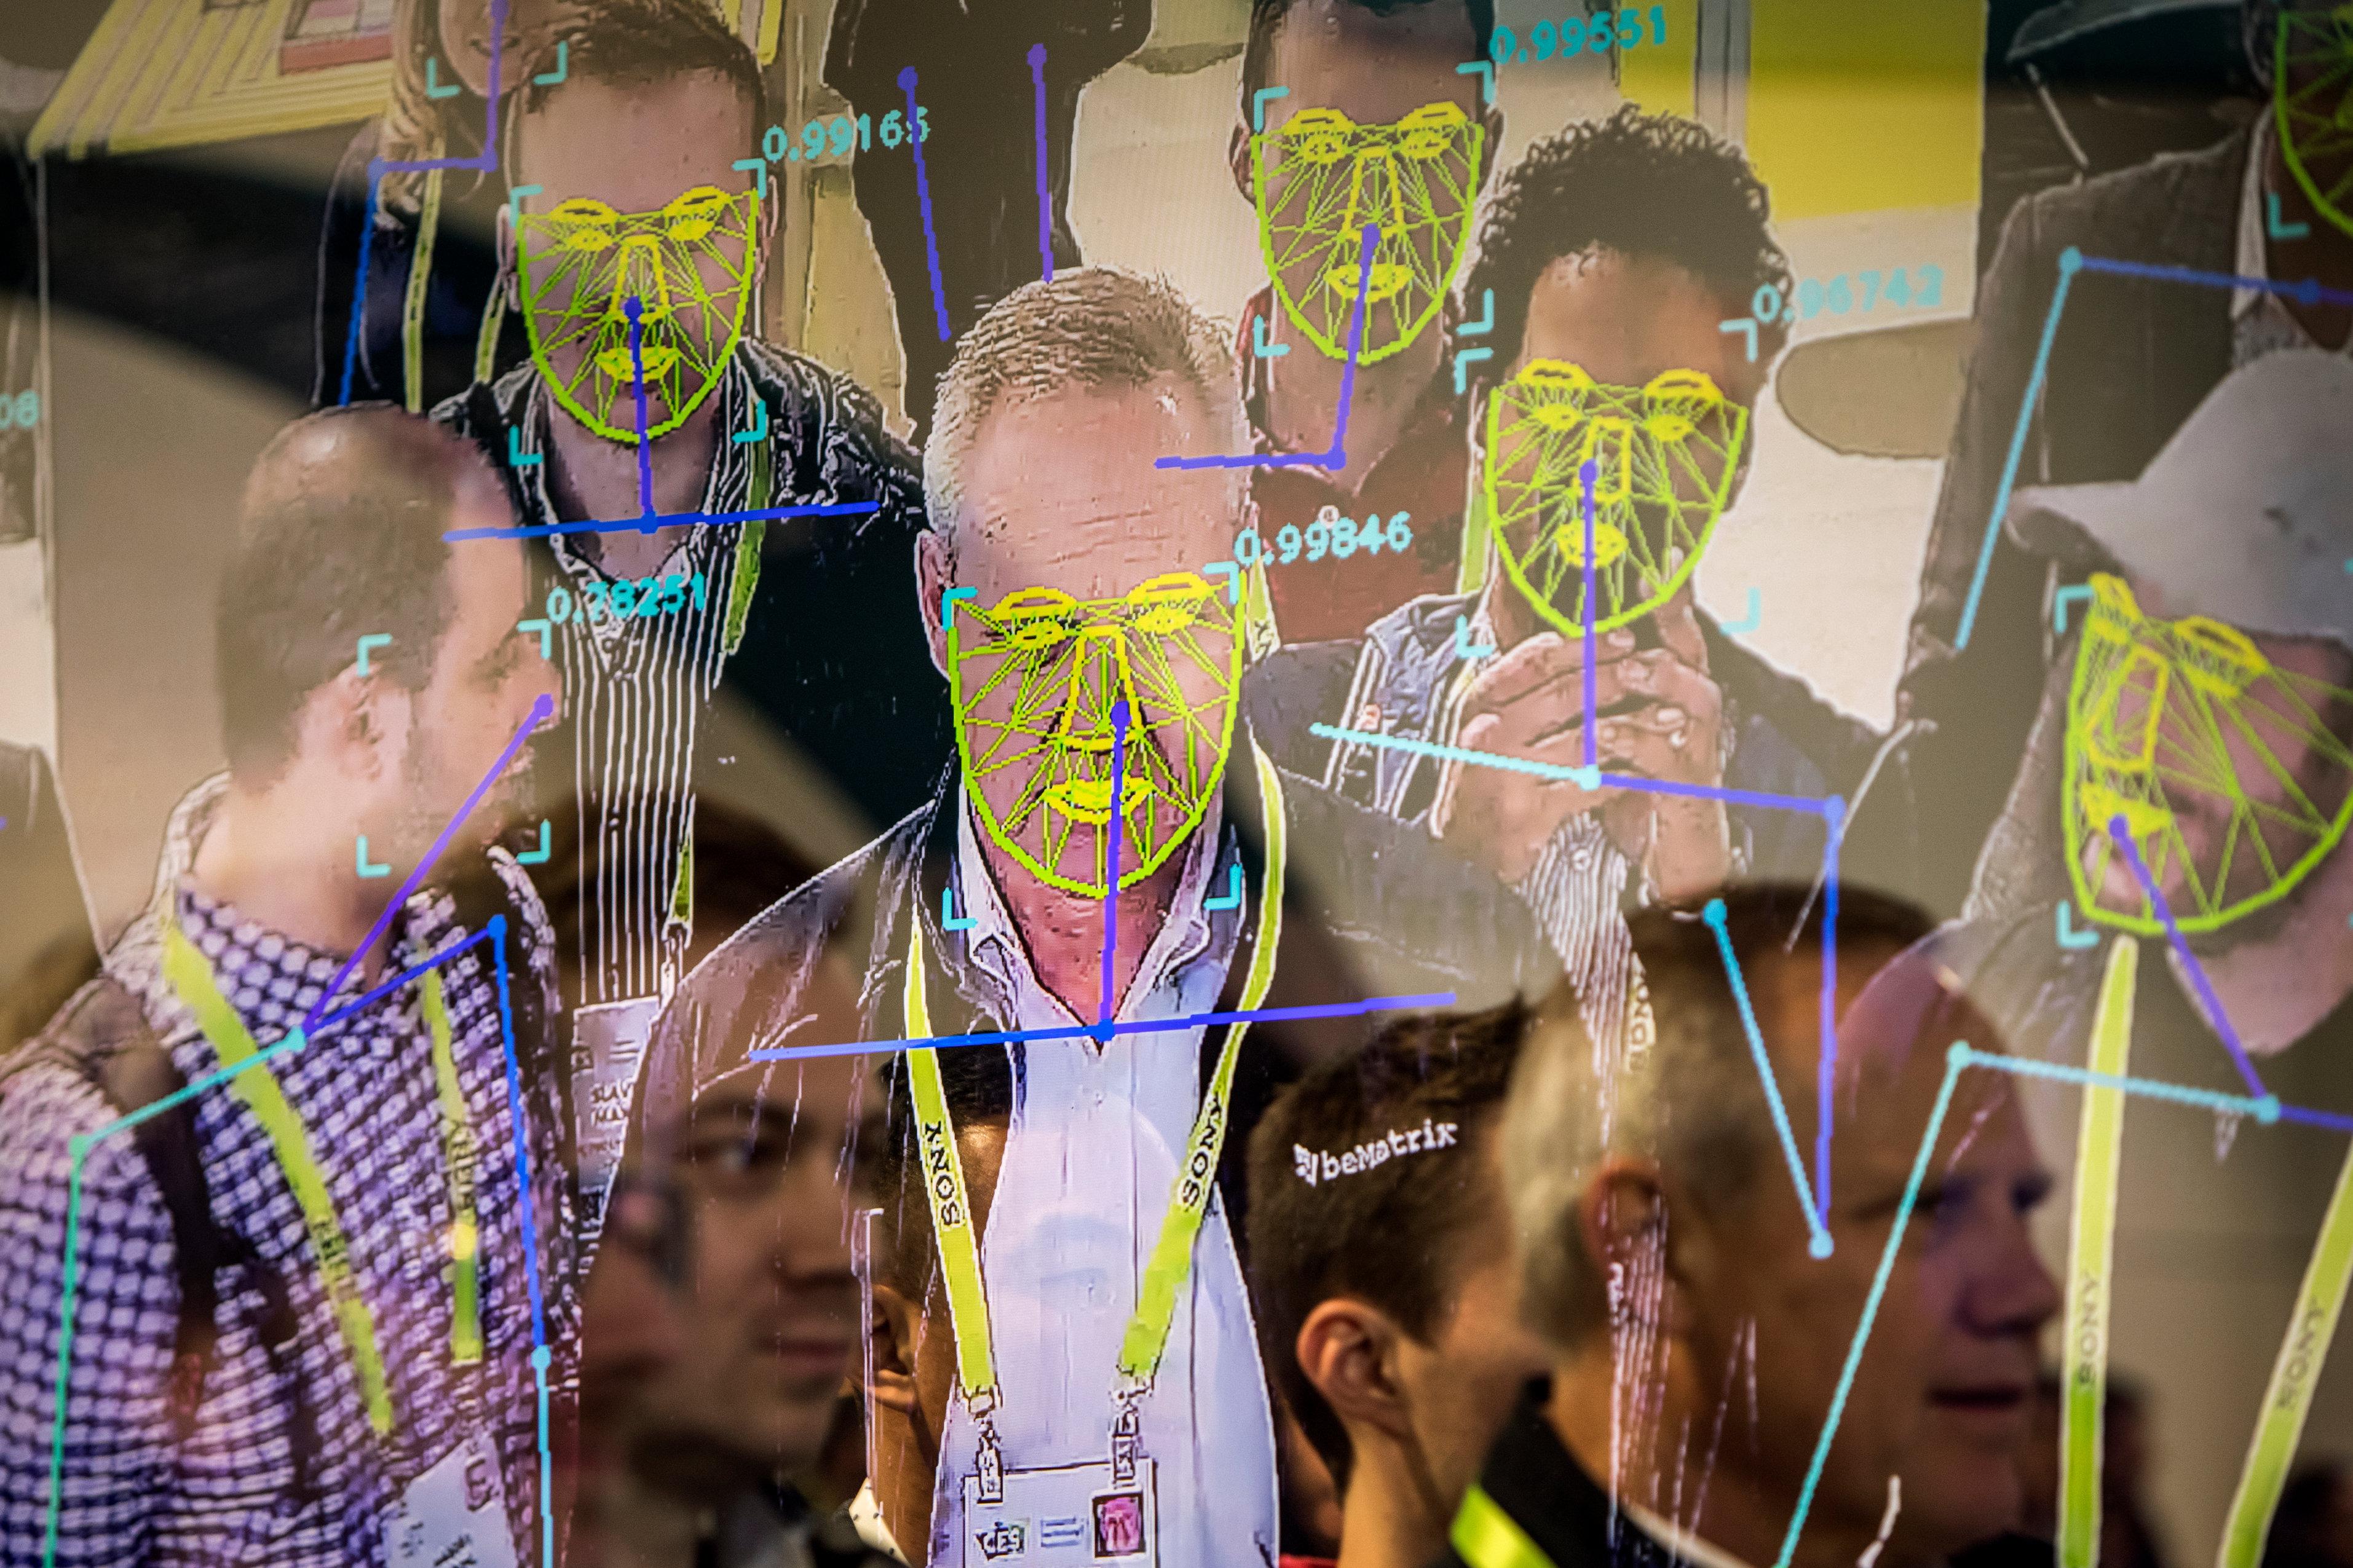 Рынку технологий распознавания лиц предрекают уверенный рост